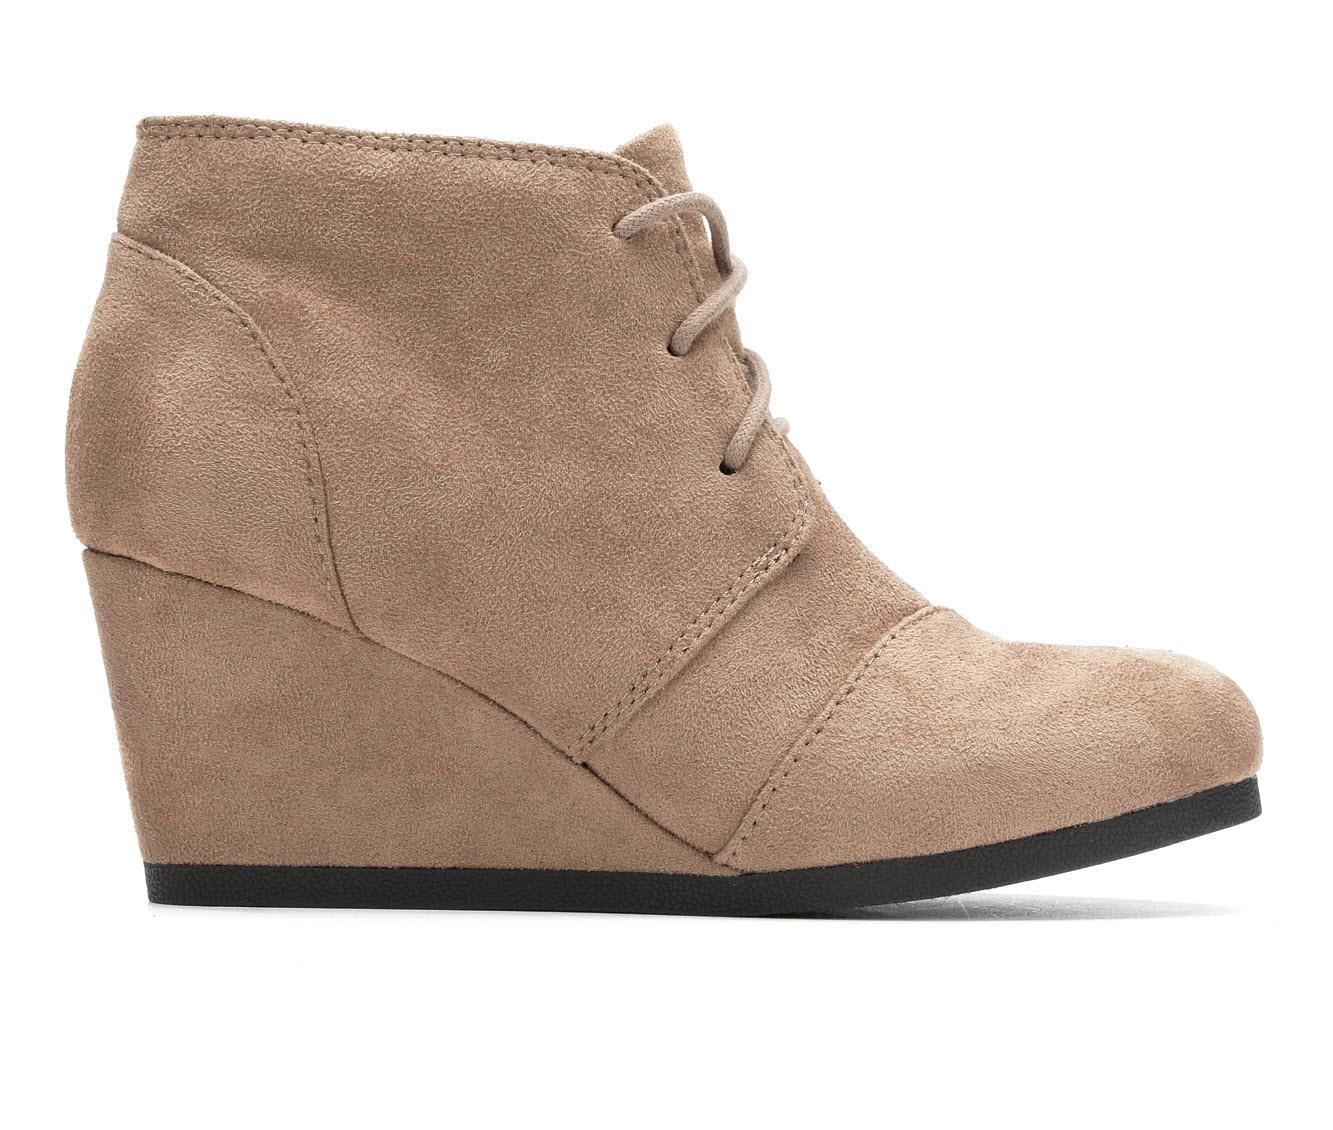 Unr8ed Sandy Women's Boots (Beige - Canvas)